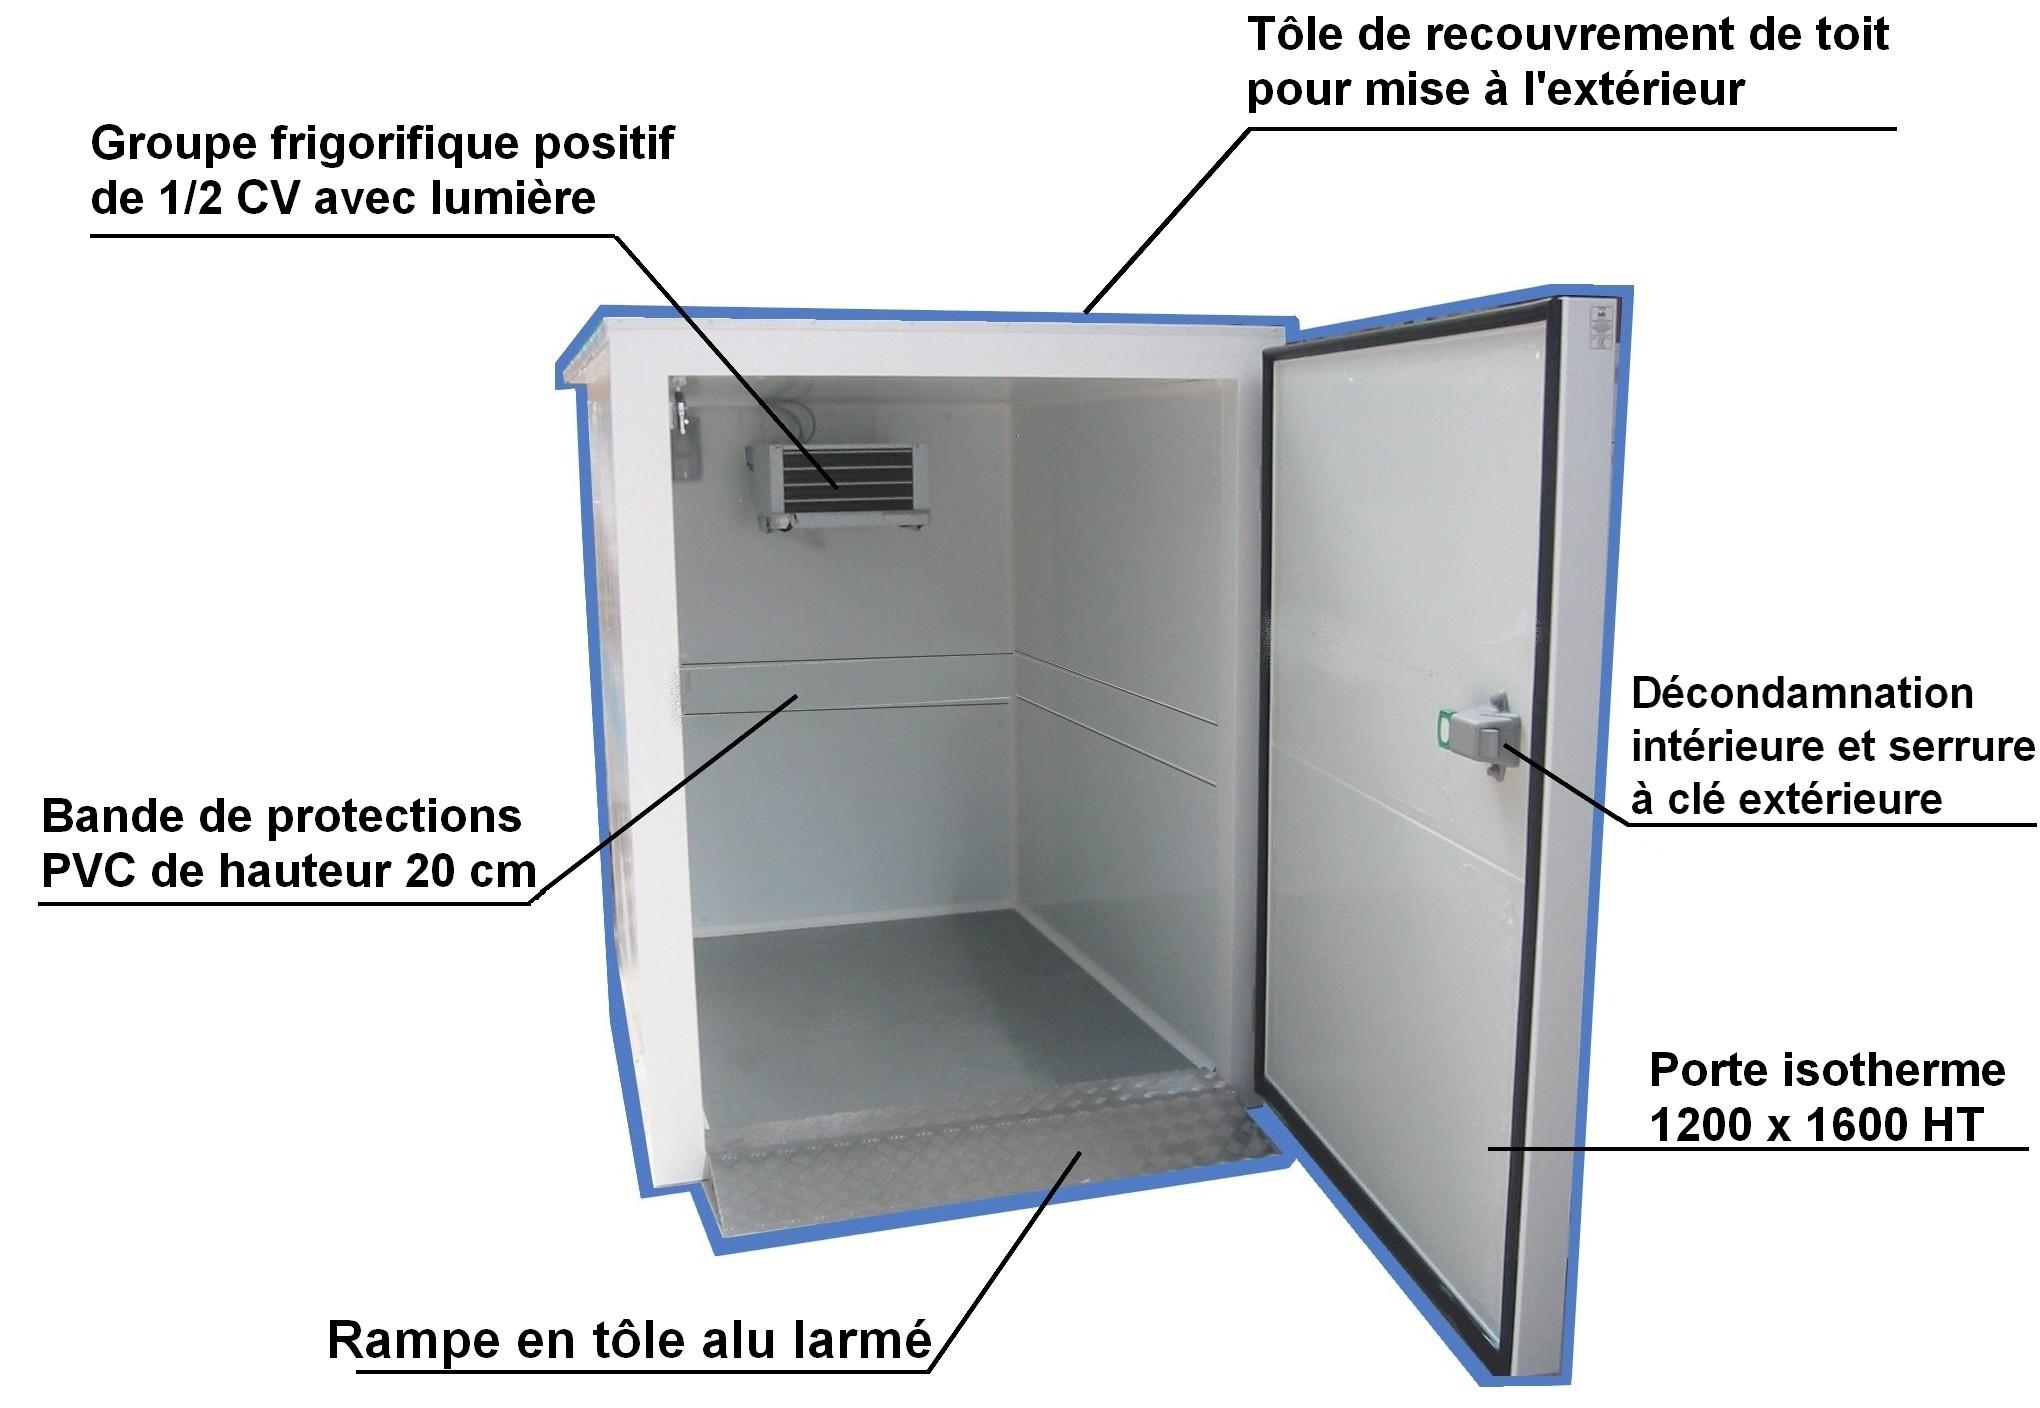 Chambre froide: pourquoi s'en servir?